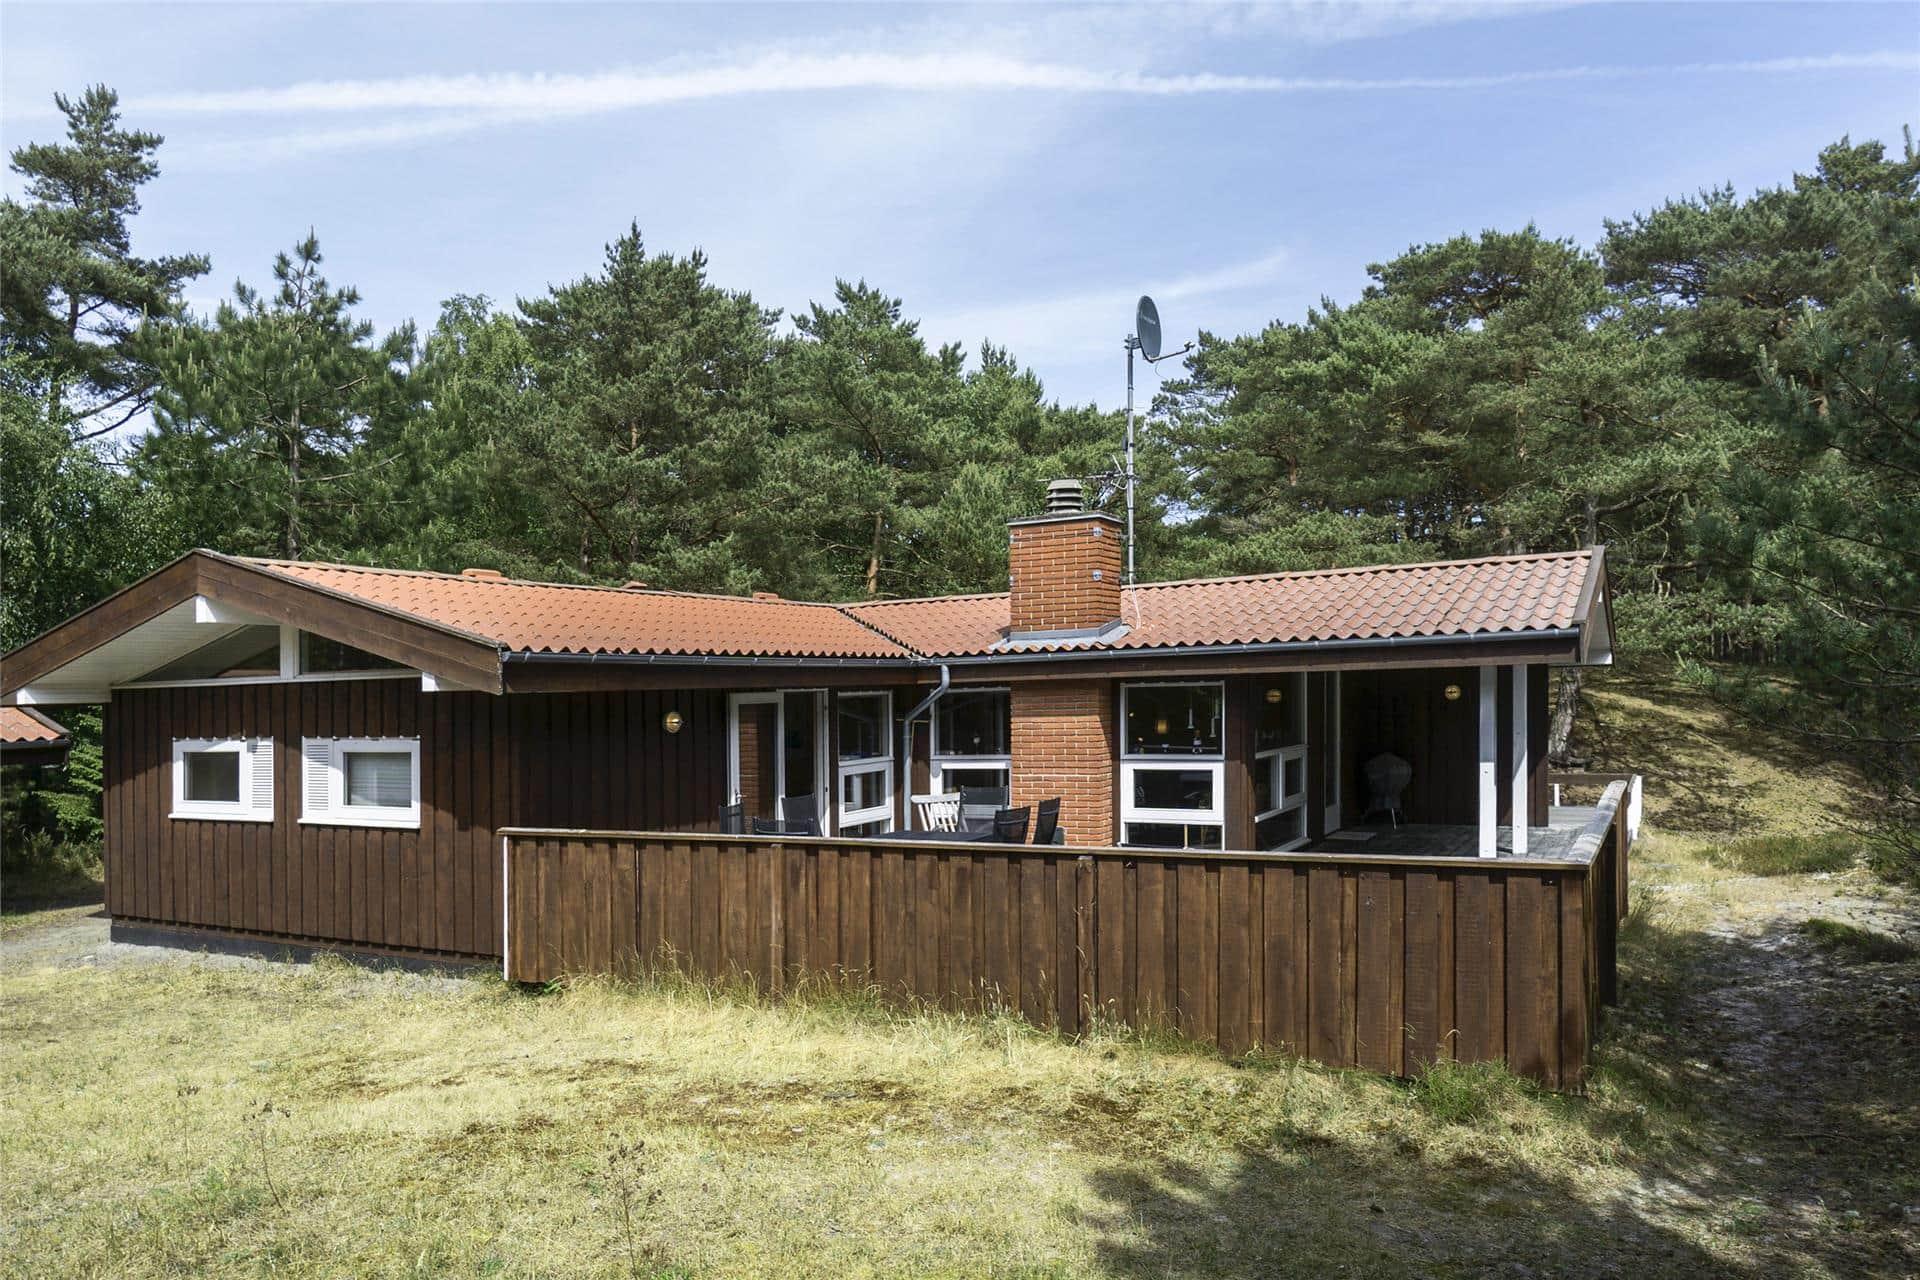 Image 1-10 Holiday-home 2645, Skovsangervej 11, DK - 3730 Nexø